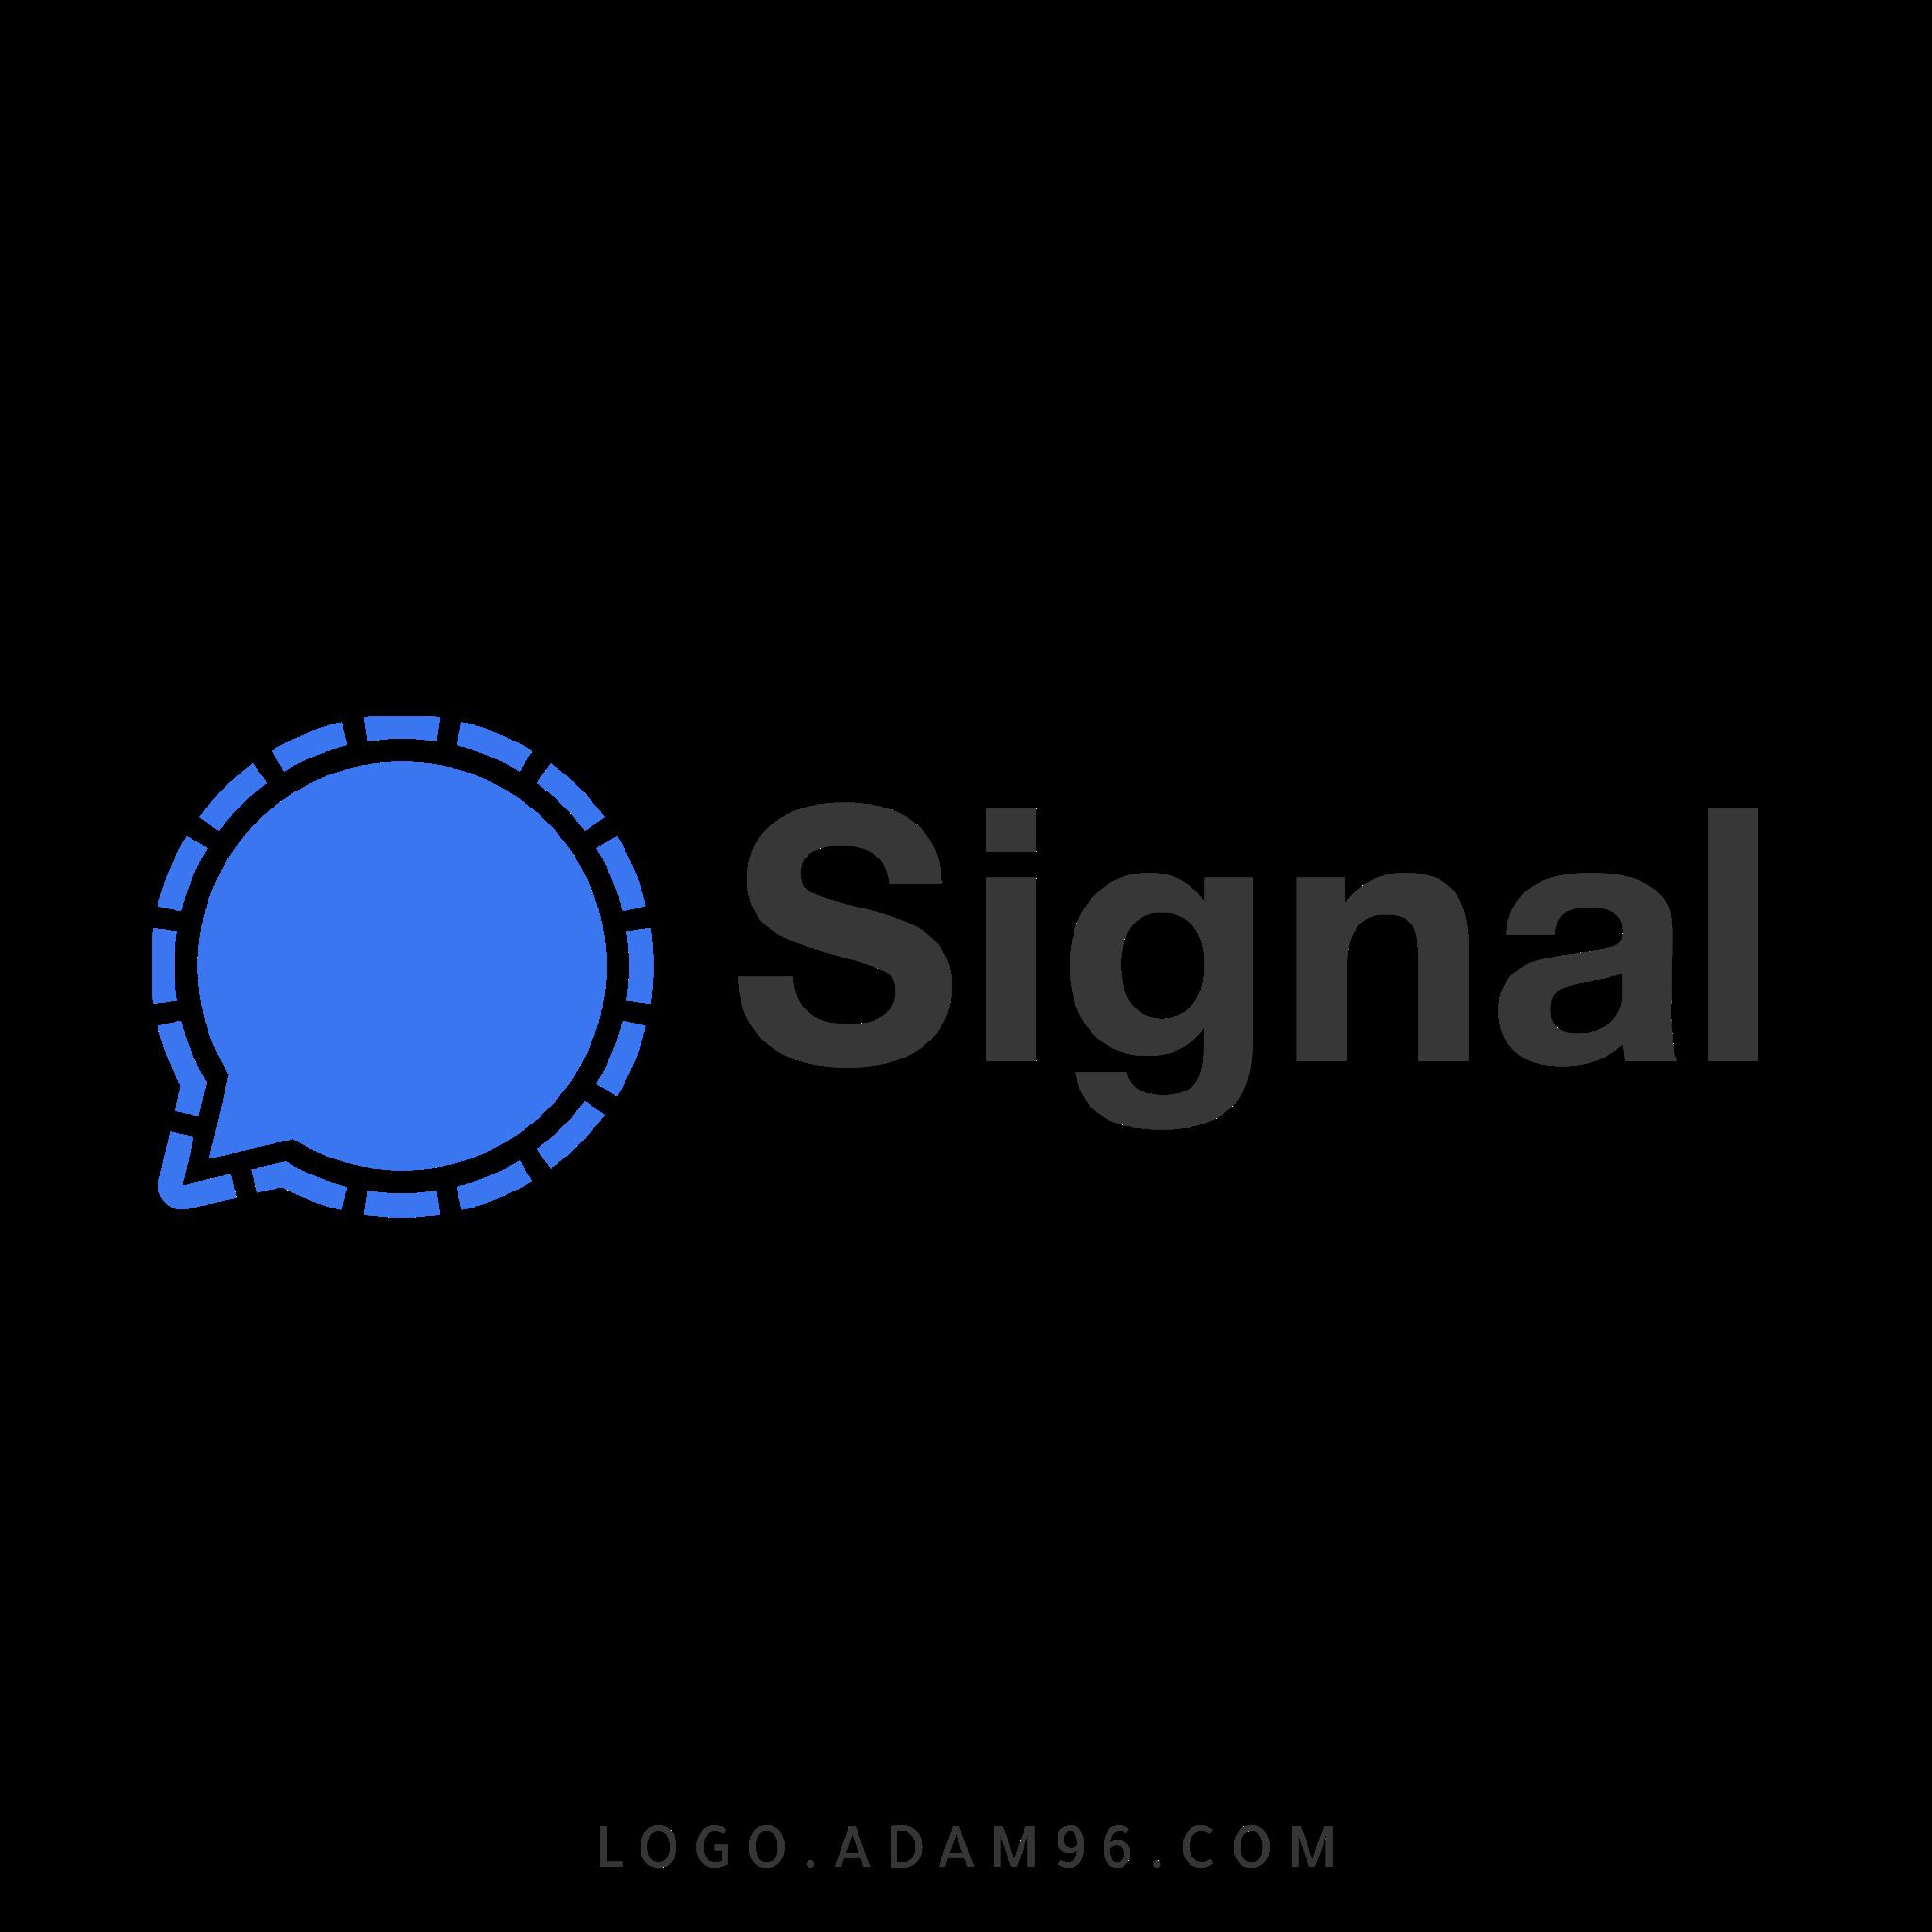 تحميل شعار تطبيق سيجنال لوجو اصلي بصيغة شفافة Logo Signal App PNG